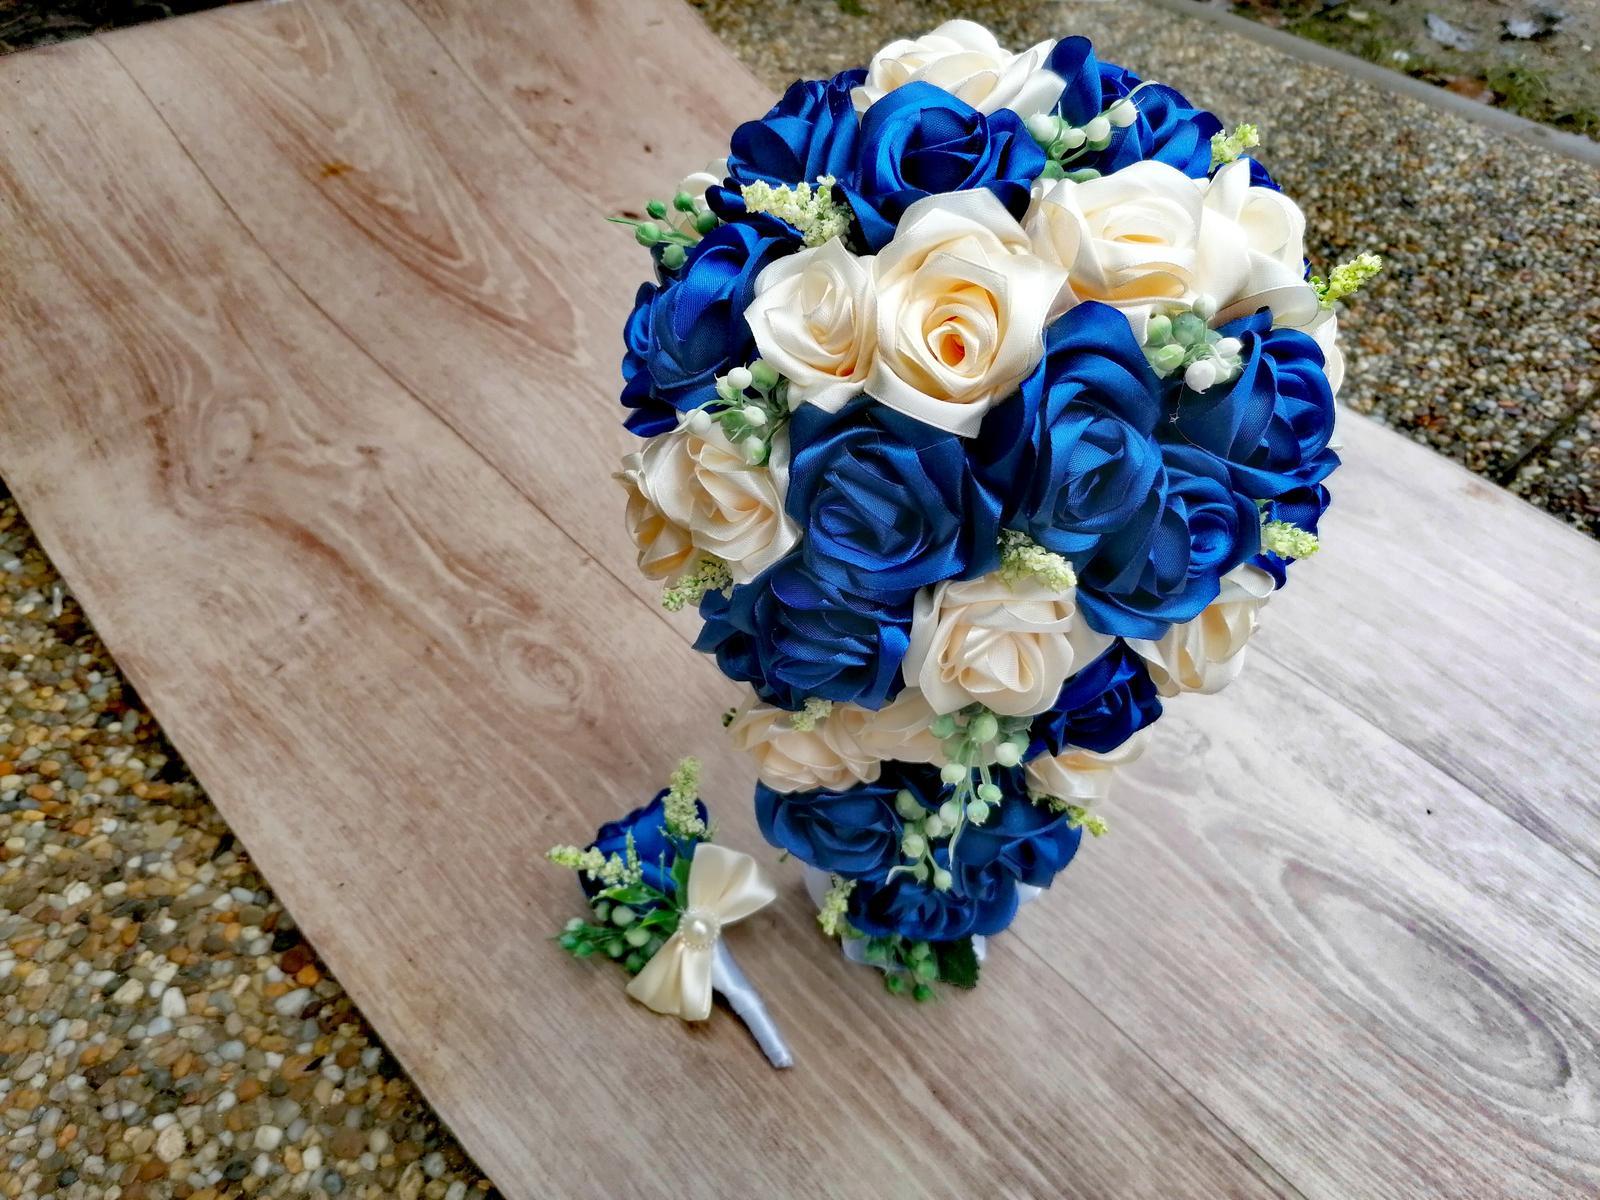 Kytice prevys a korsáž pro ženicha a nevěstu - Obrázek č. 1